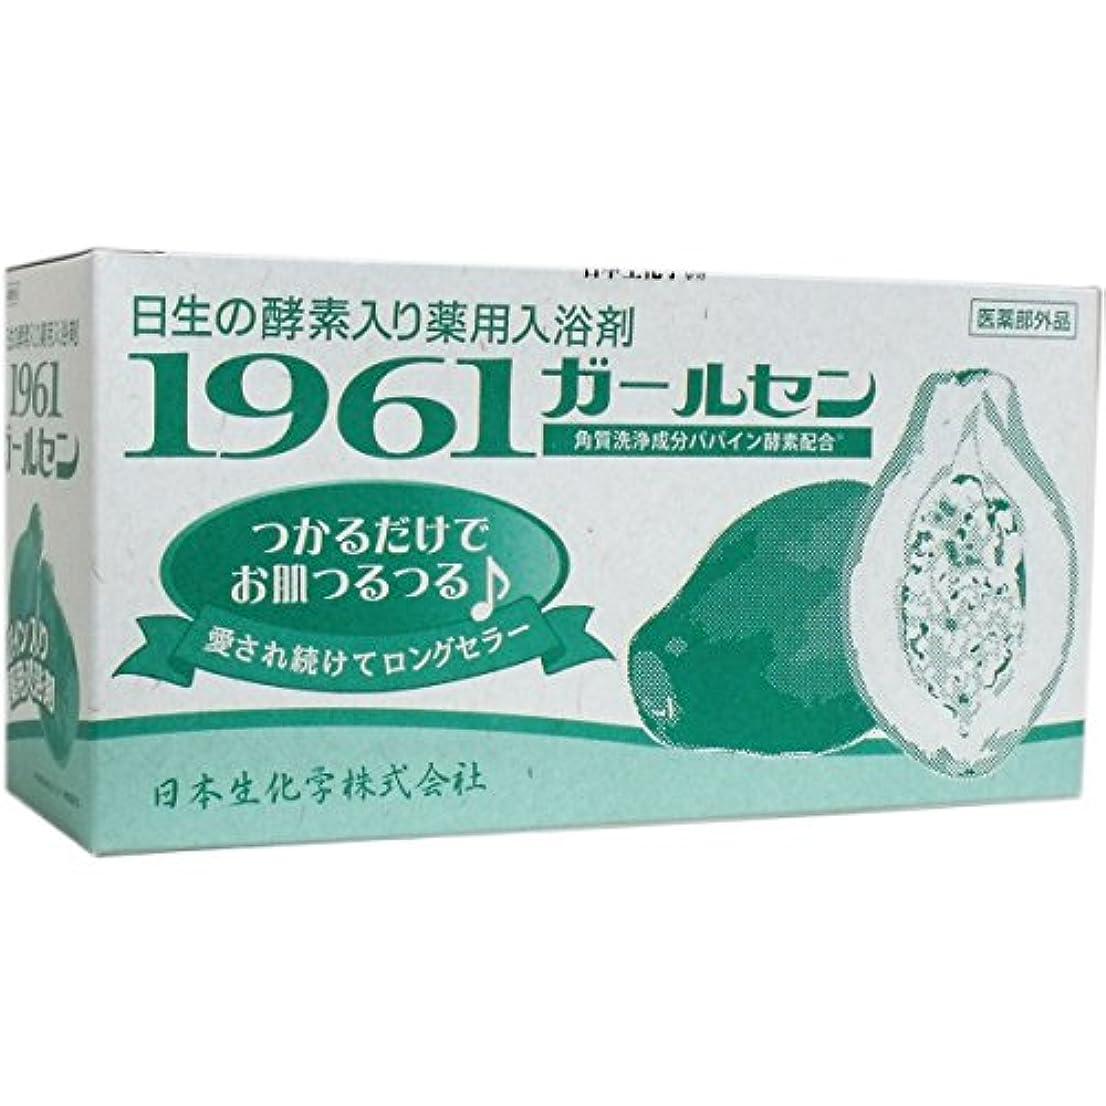 お金ゴム試みる医療の日本生化学 酵素入り薬用入浴剤 1961ガールセン 30包入